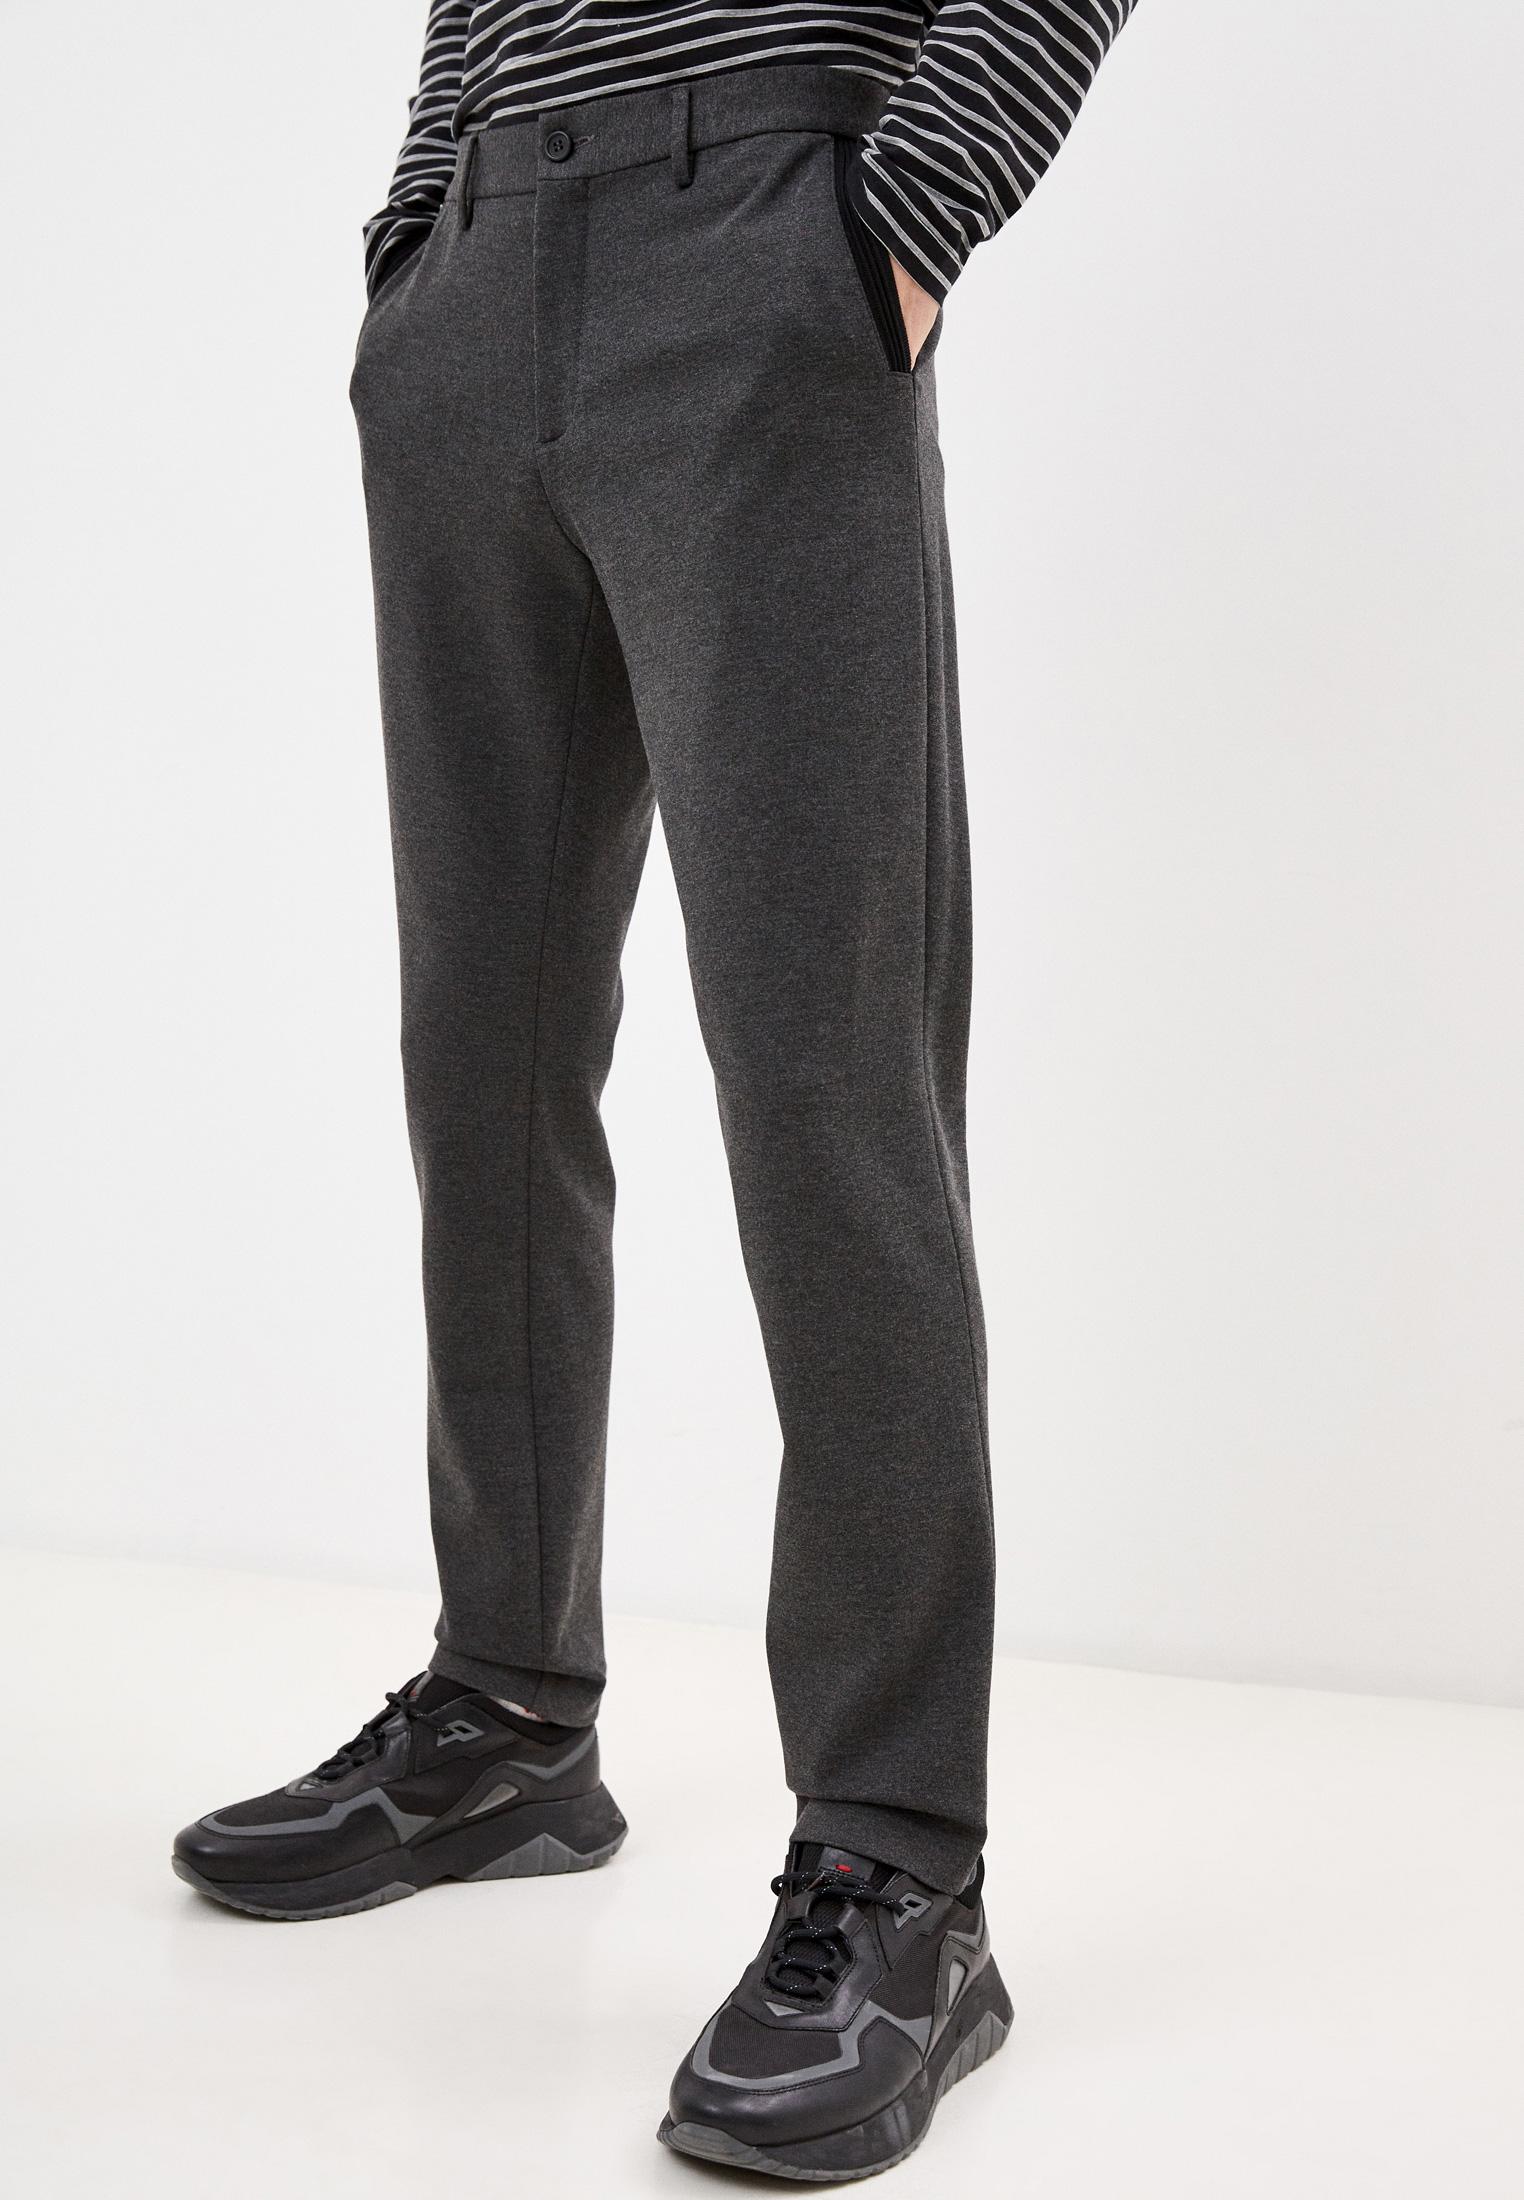 Мужские повседневные брюки Bikkembergs (Биккембергс) C 1 061 80 E 1969: изображение 1